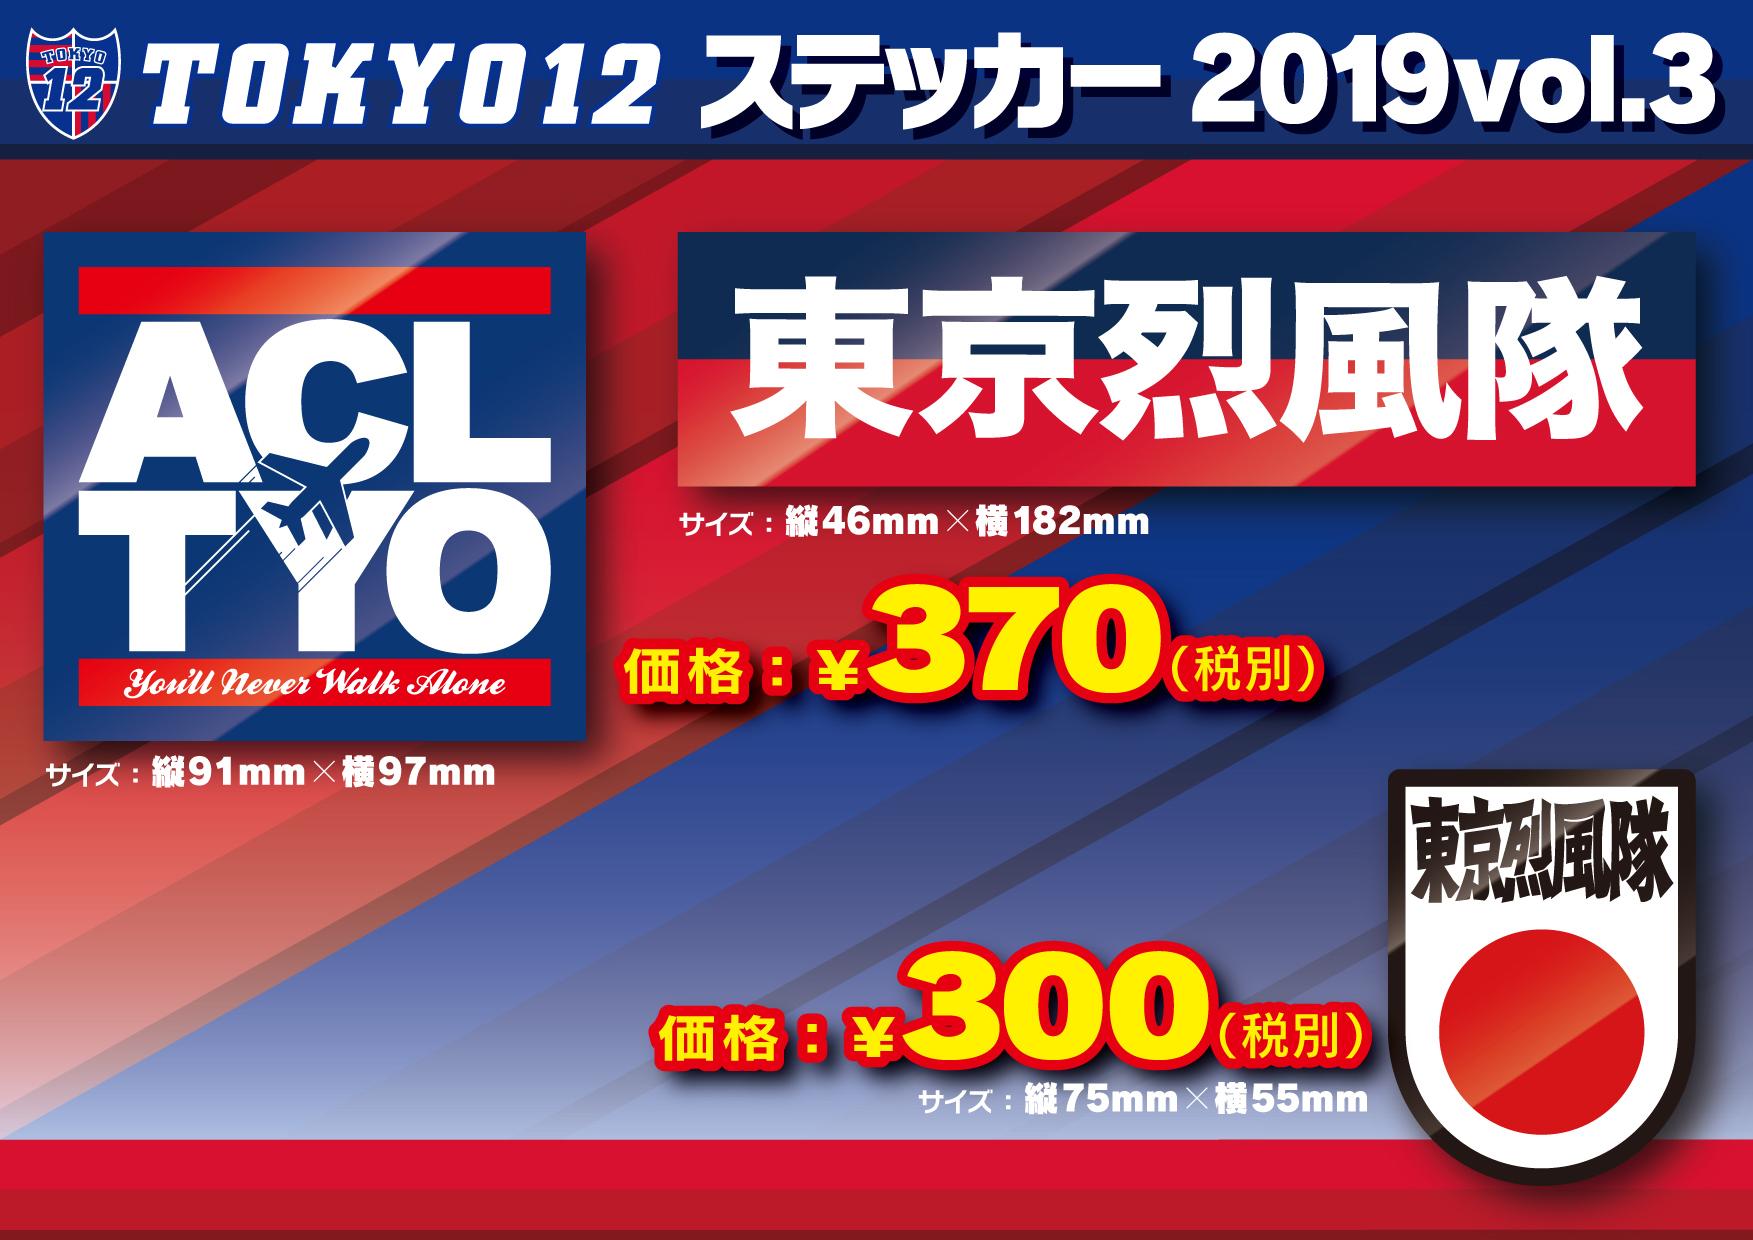 【メール便発送可】TOKYO12 ステッカー2019 vol.3  (東京烈風隊)